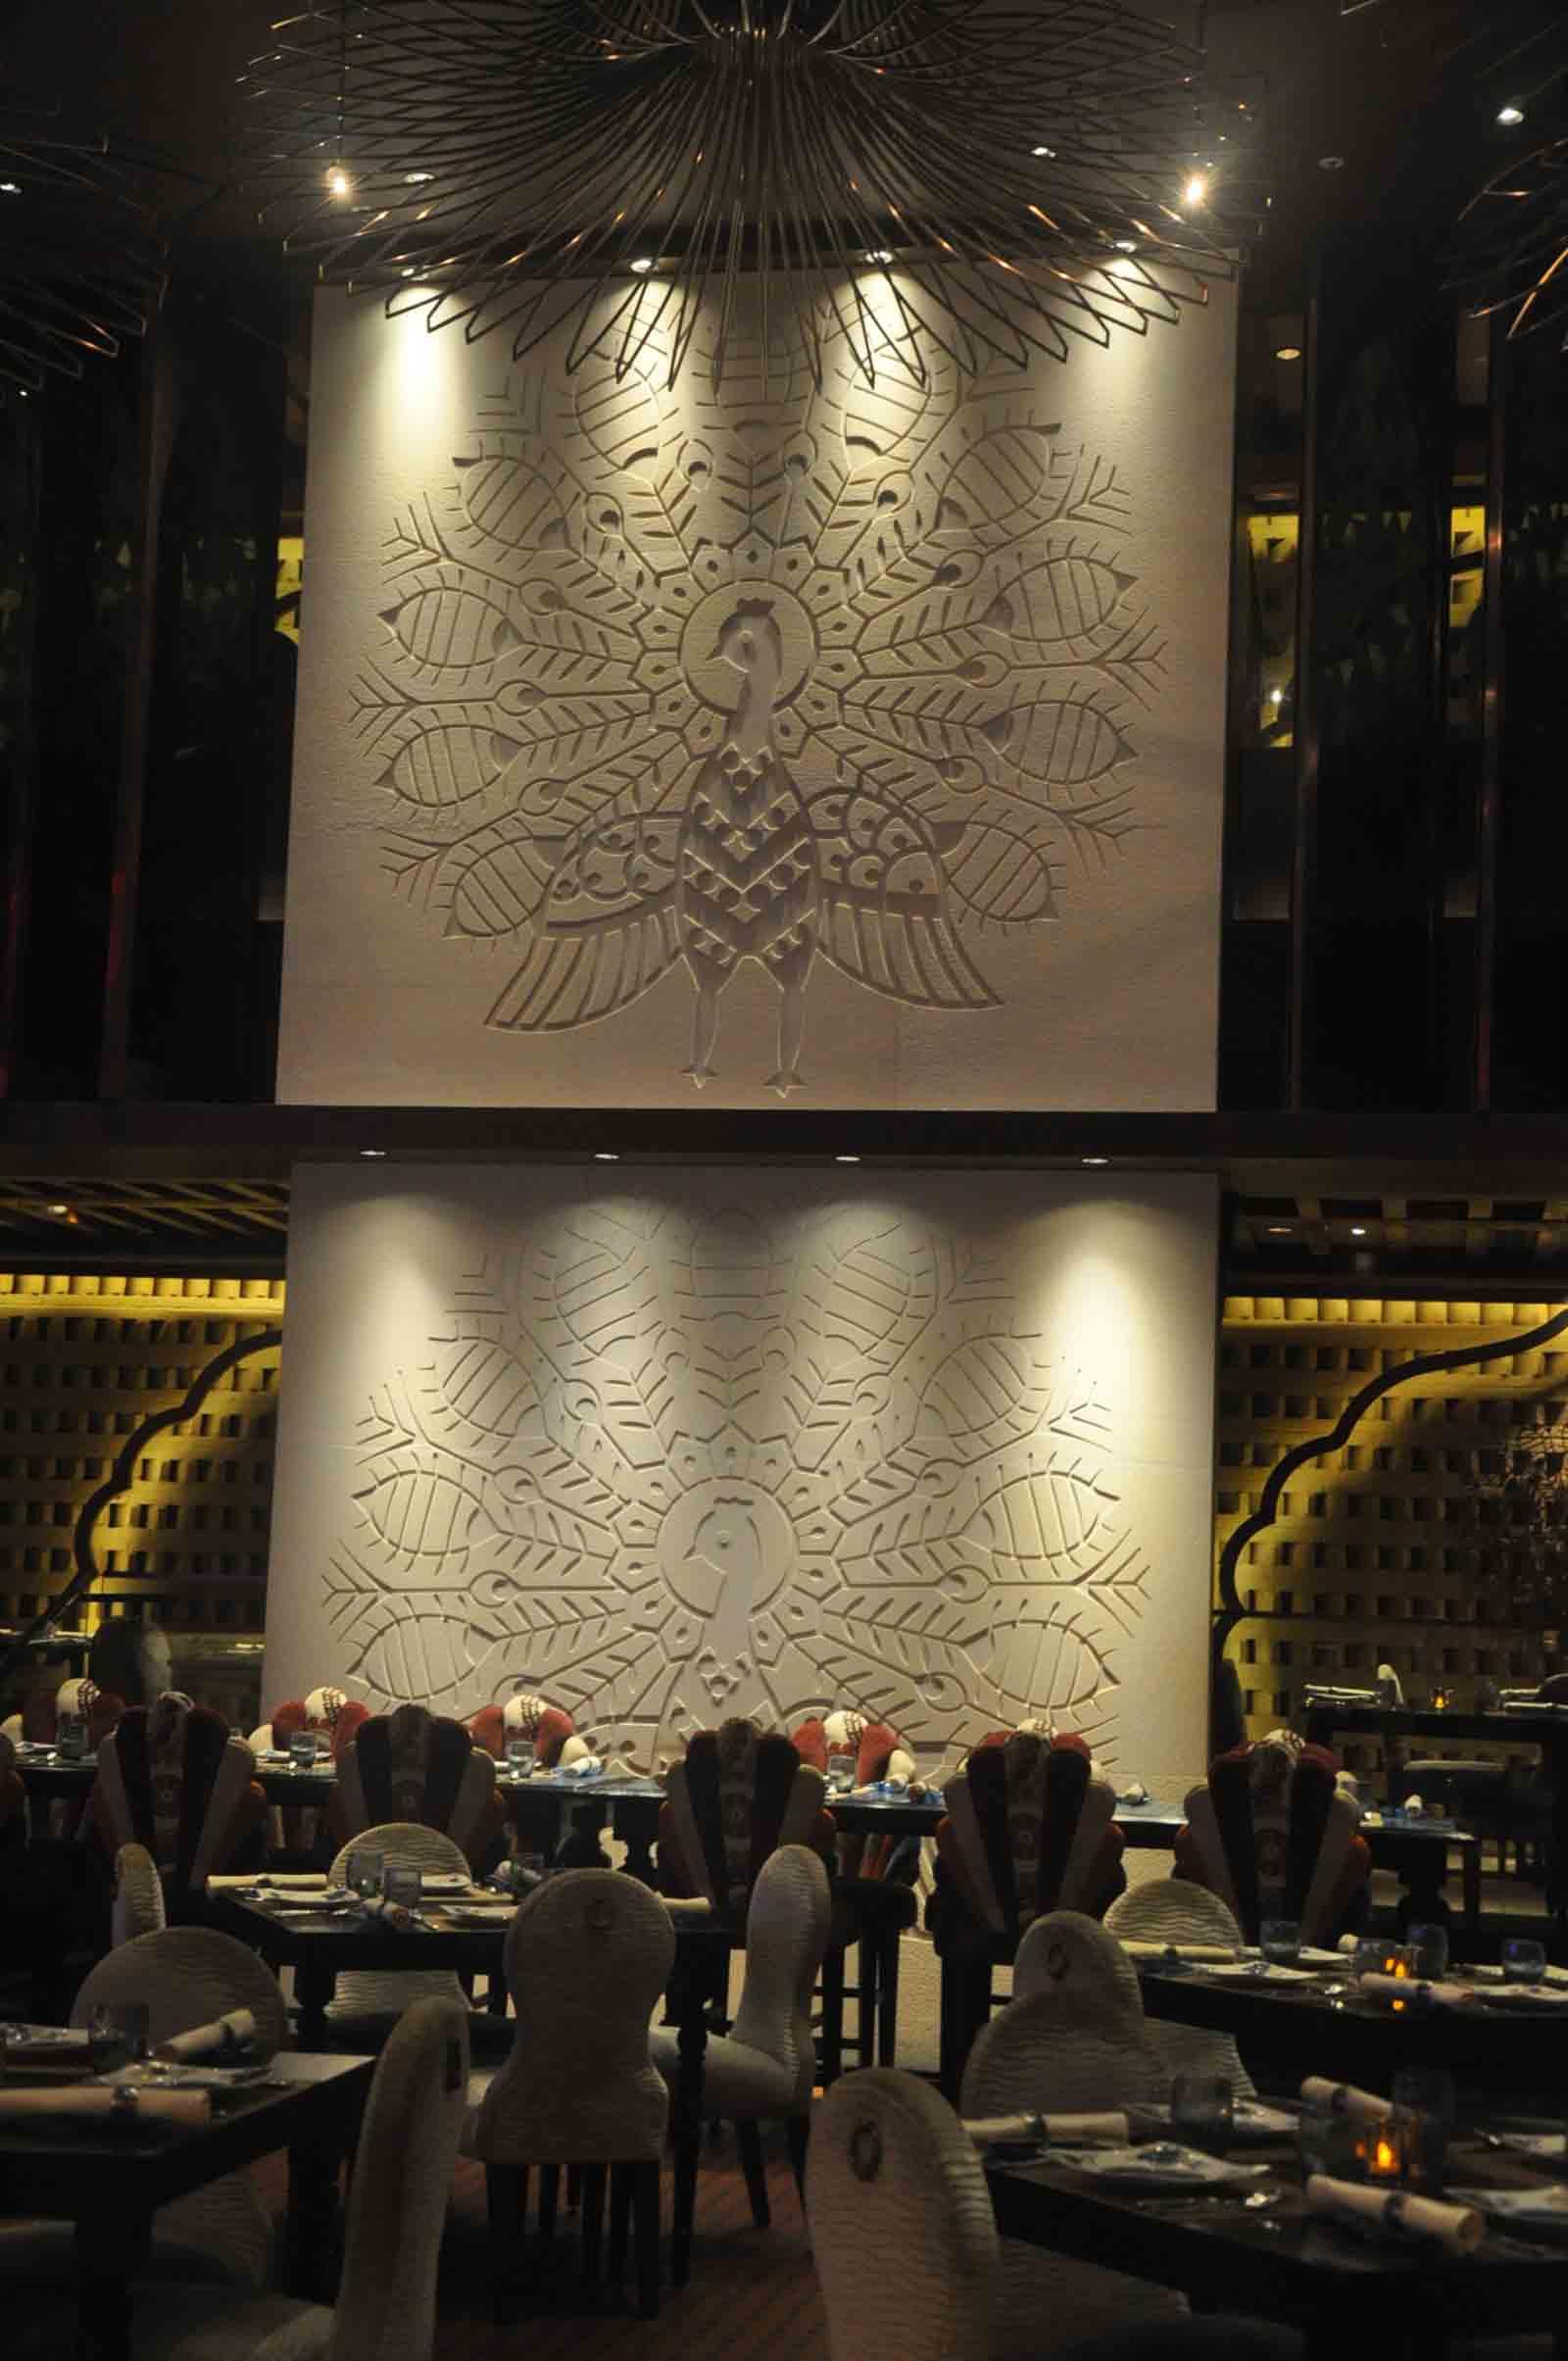 Golden Peacock Macau peacock design